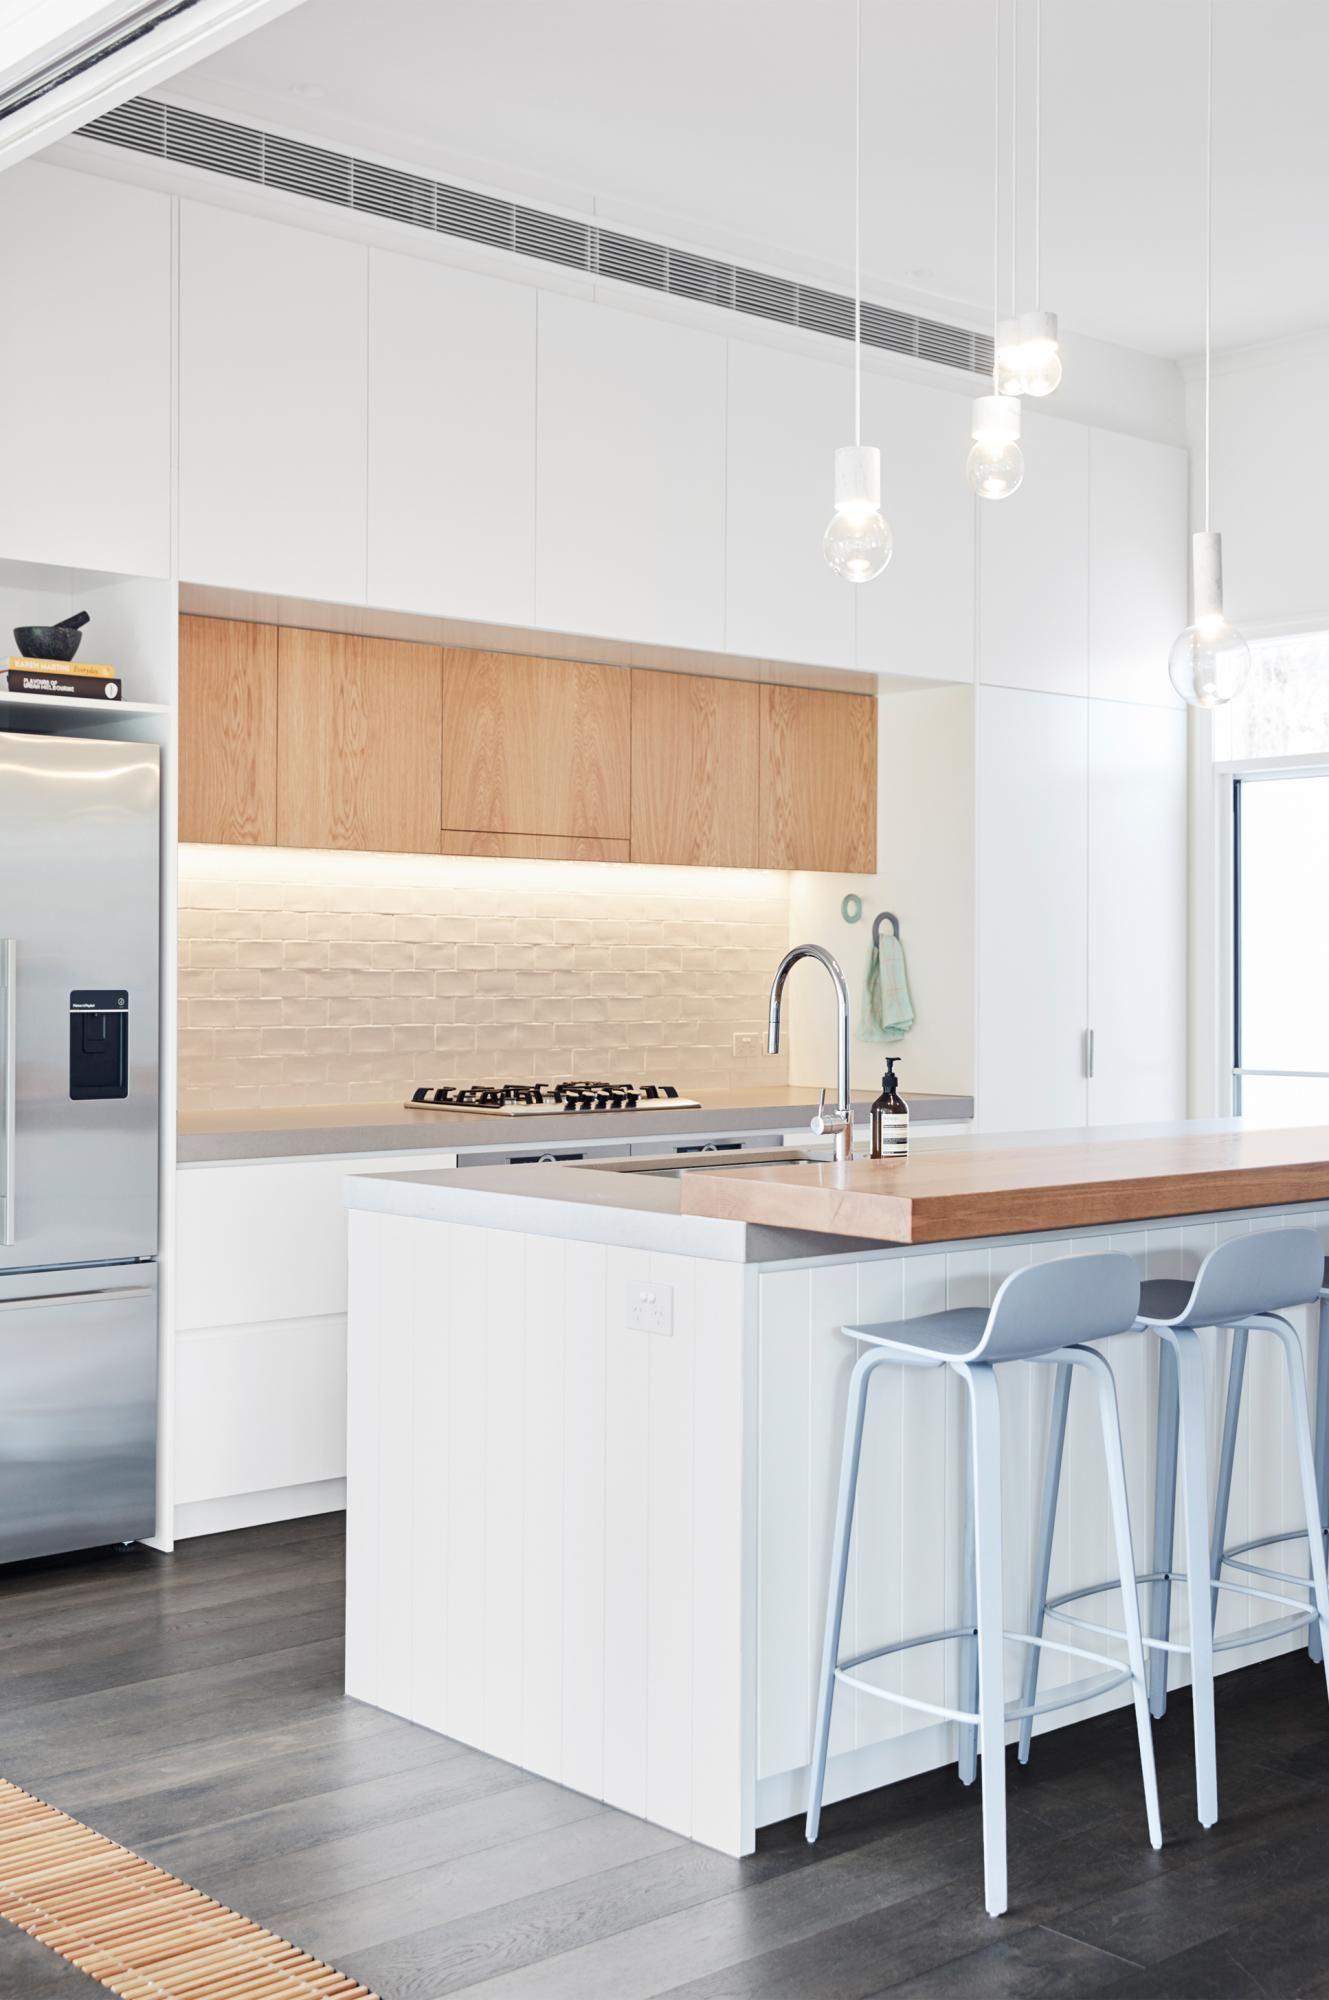 ambos sobre todo piso muebles blancos + madera | hector | Pinterest ...